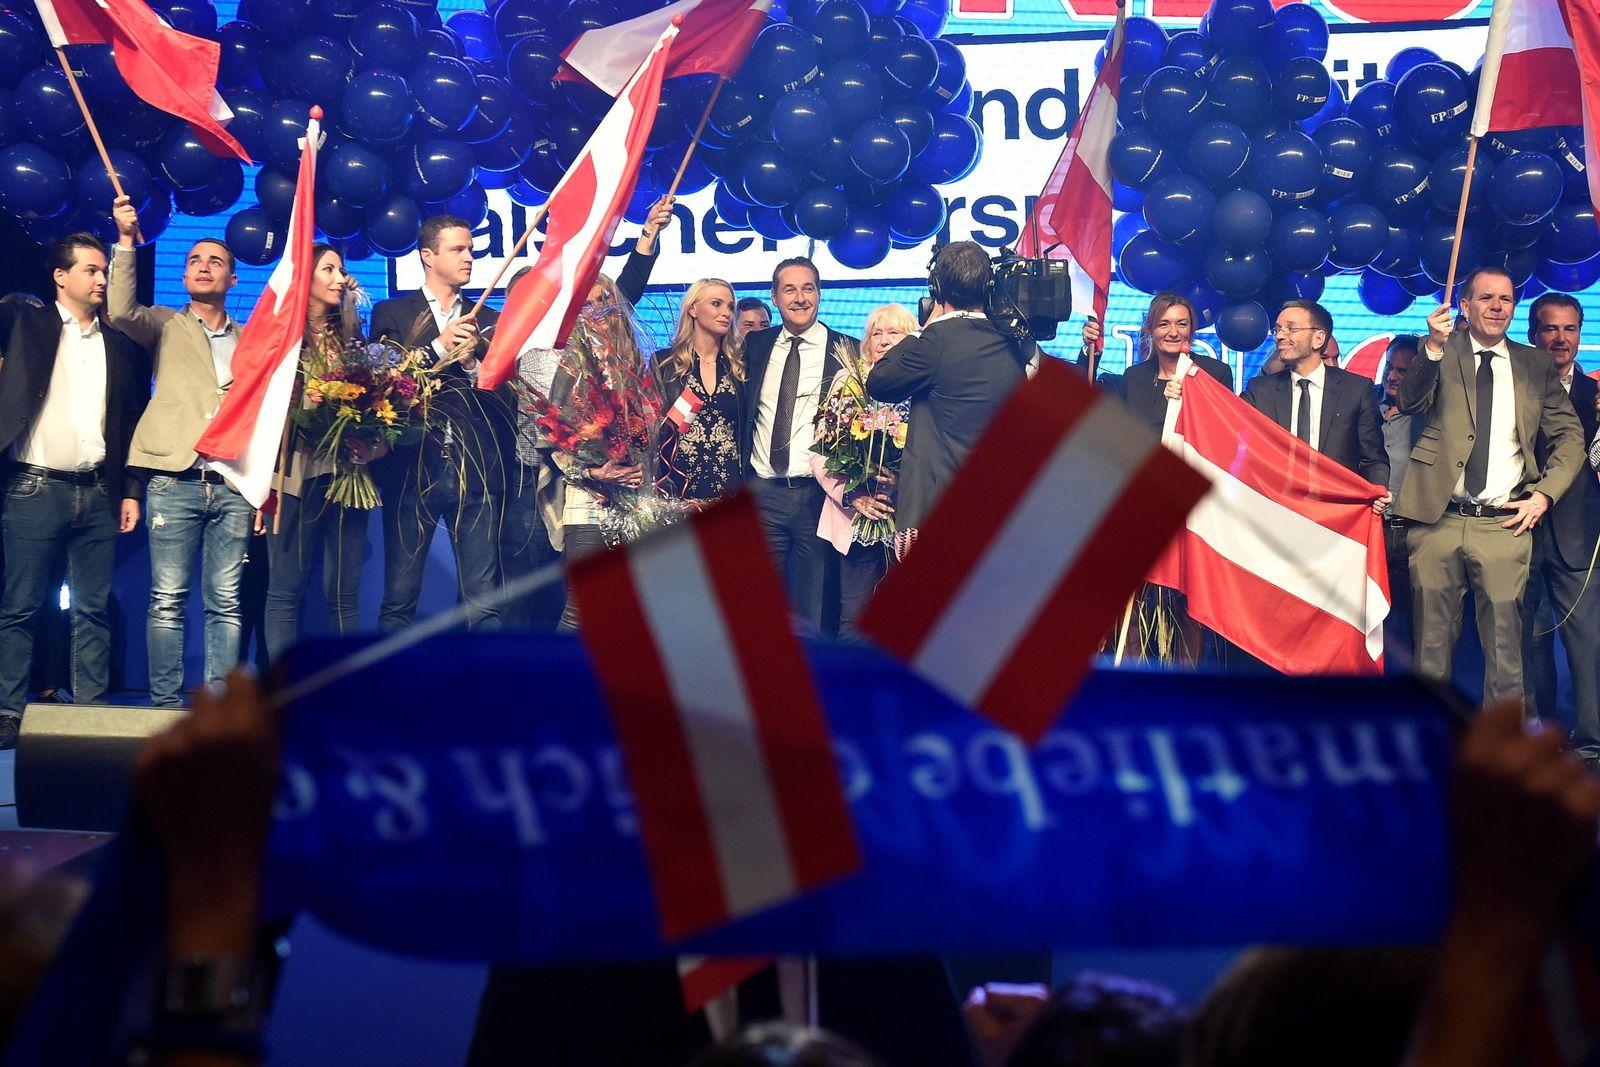 Österreich / FPÖ Wahlfeier / Heinz-Christian Strache